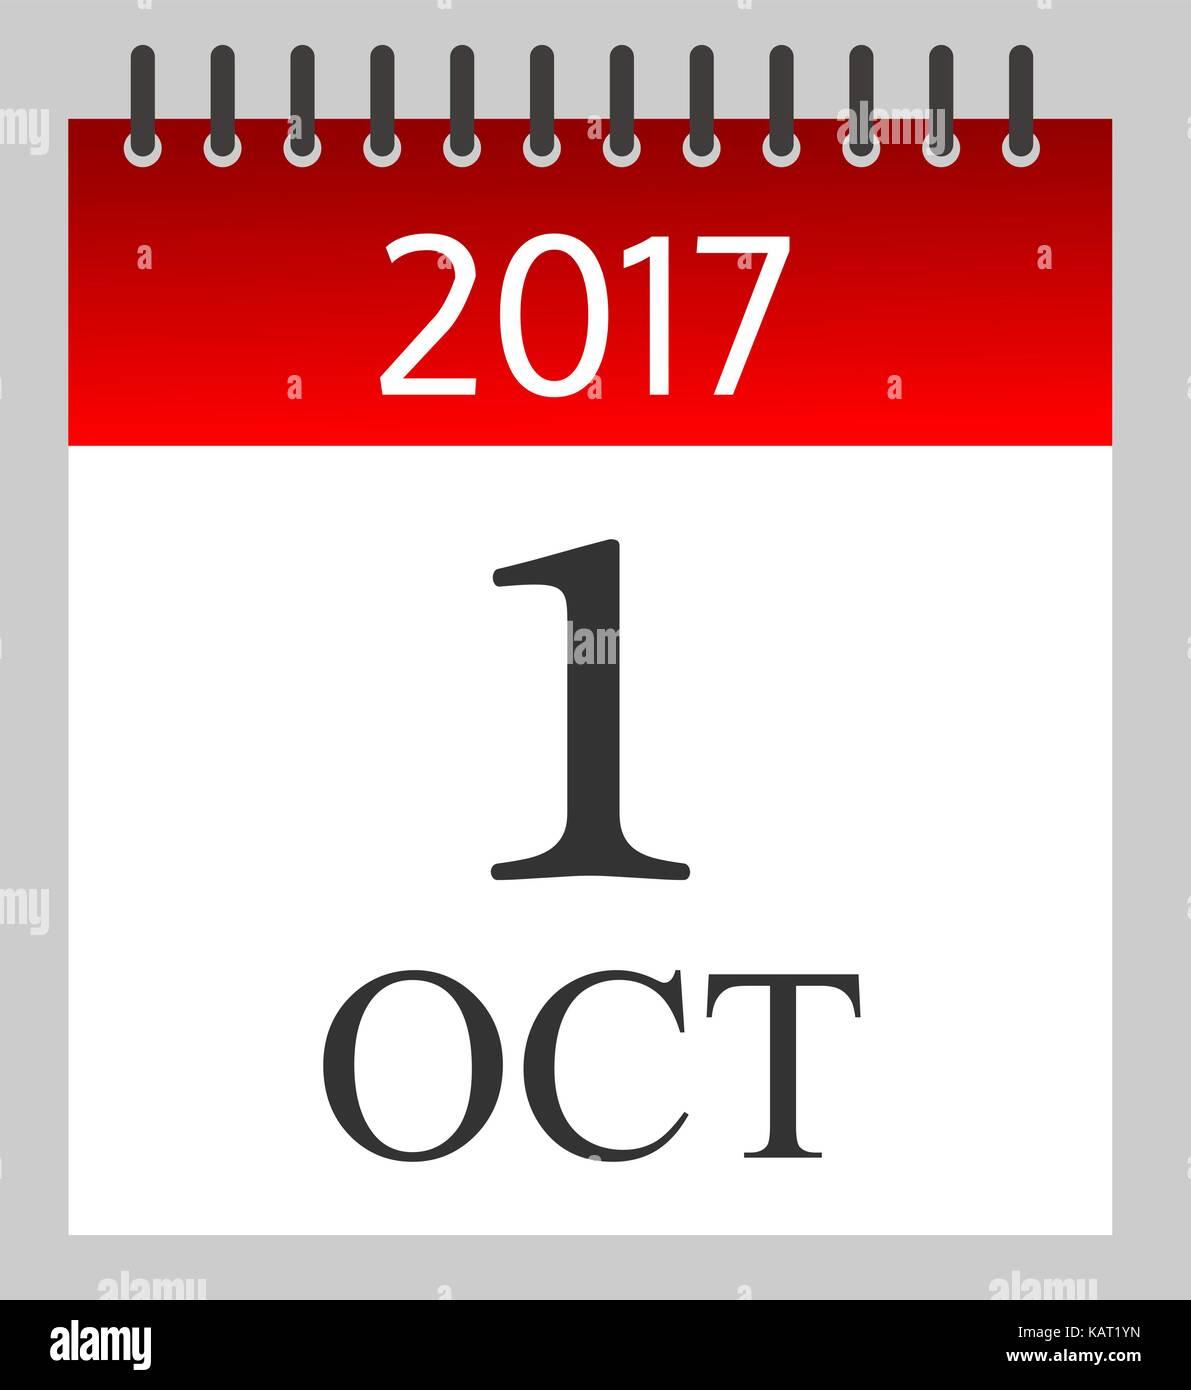 Calendario Diario.El 1 De Octubre De 2017 Calendario Diario Ilustracion